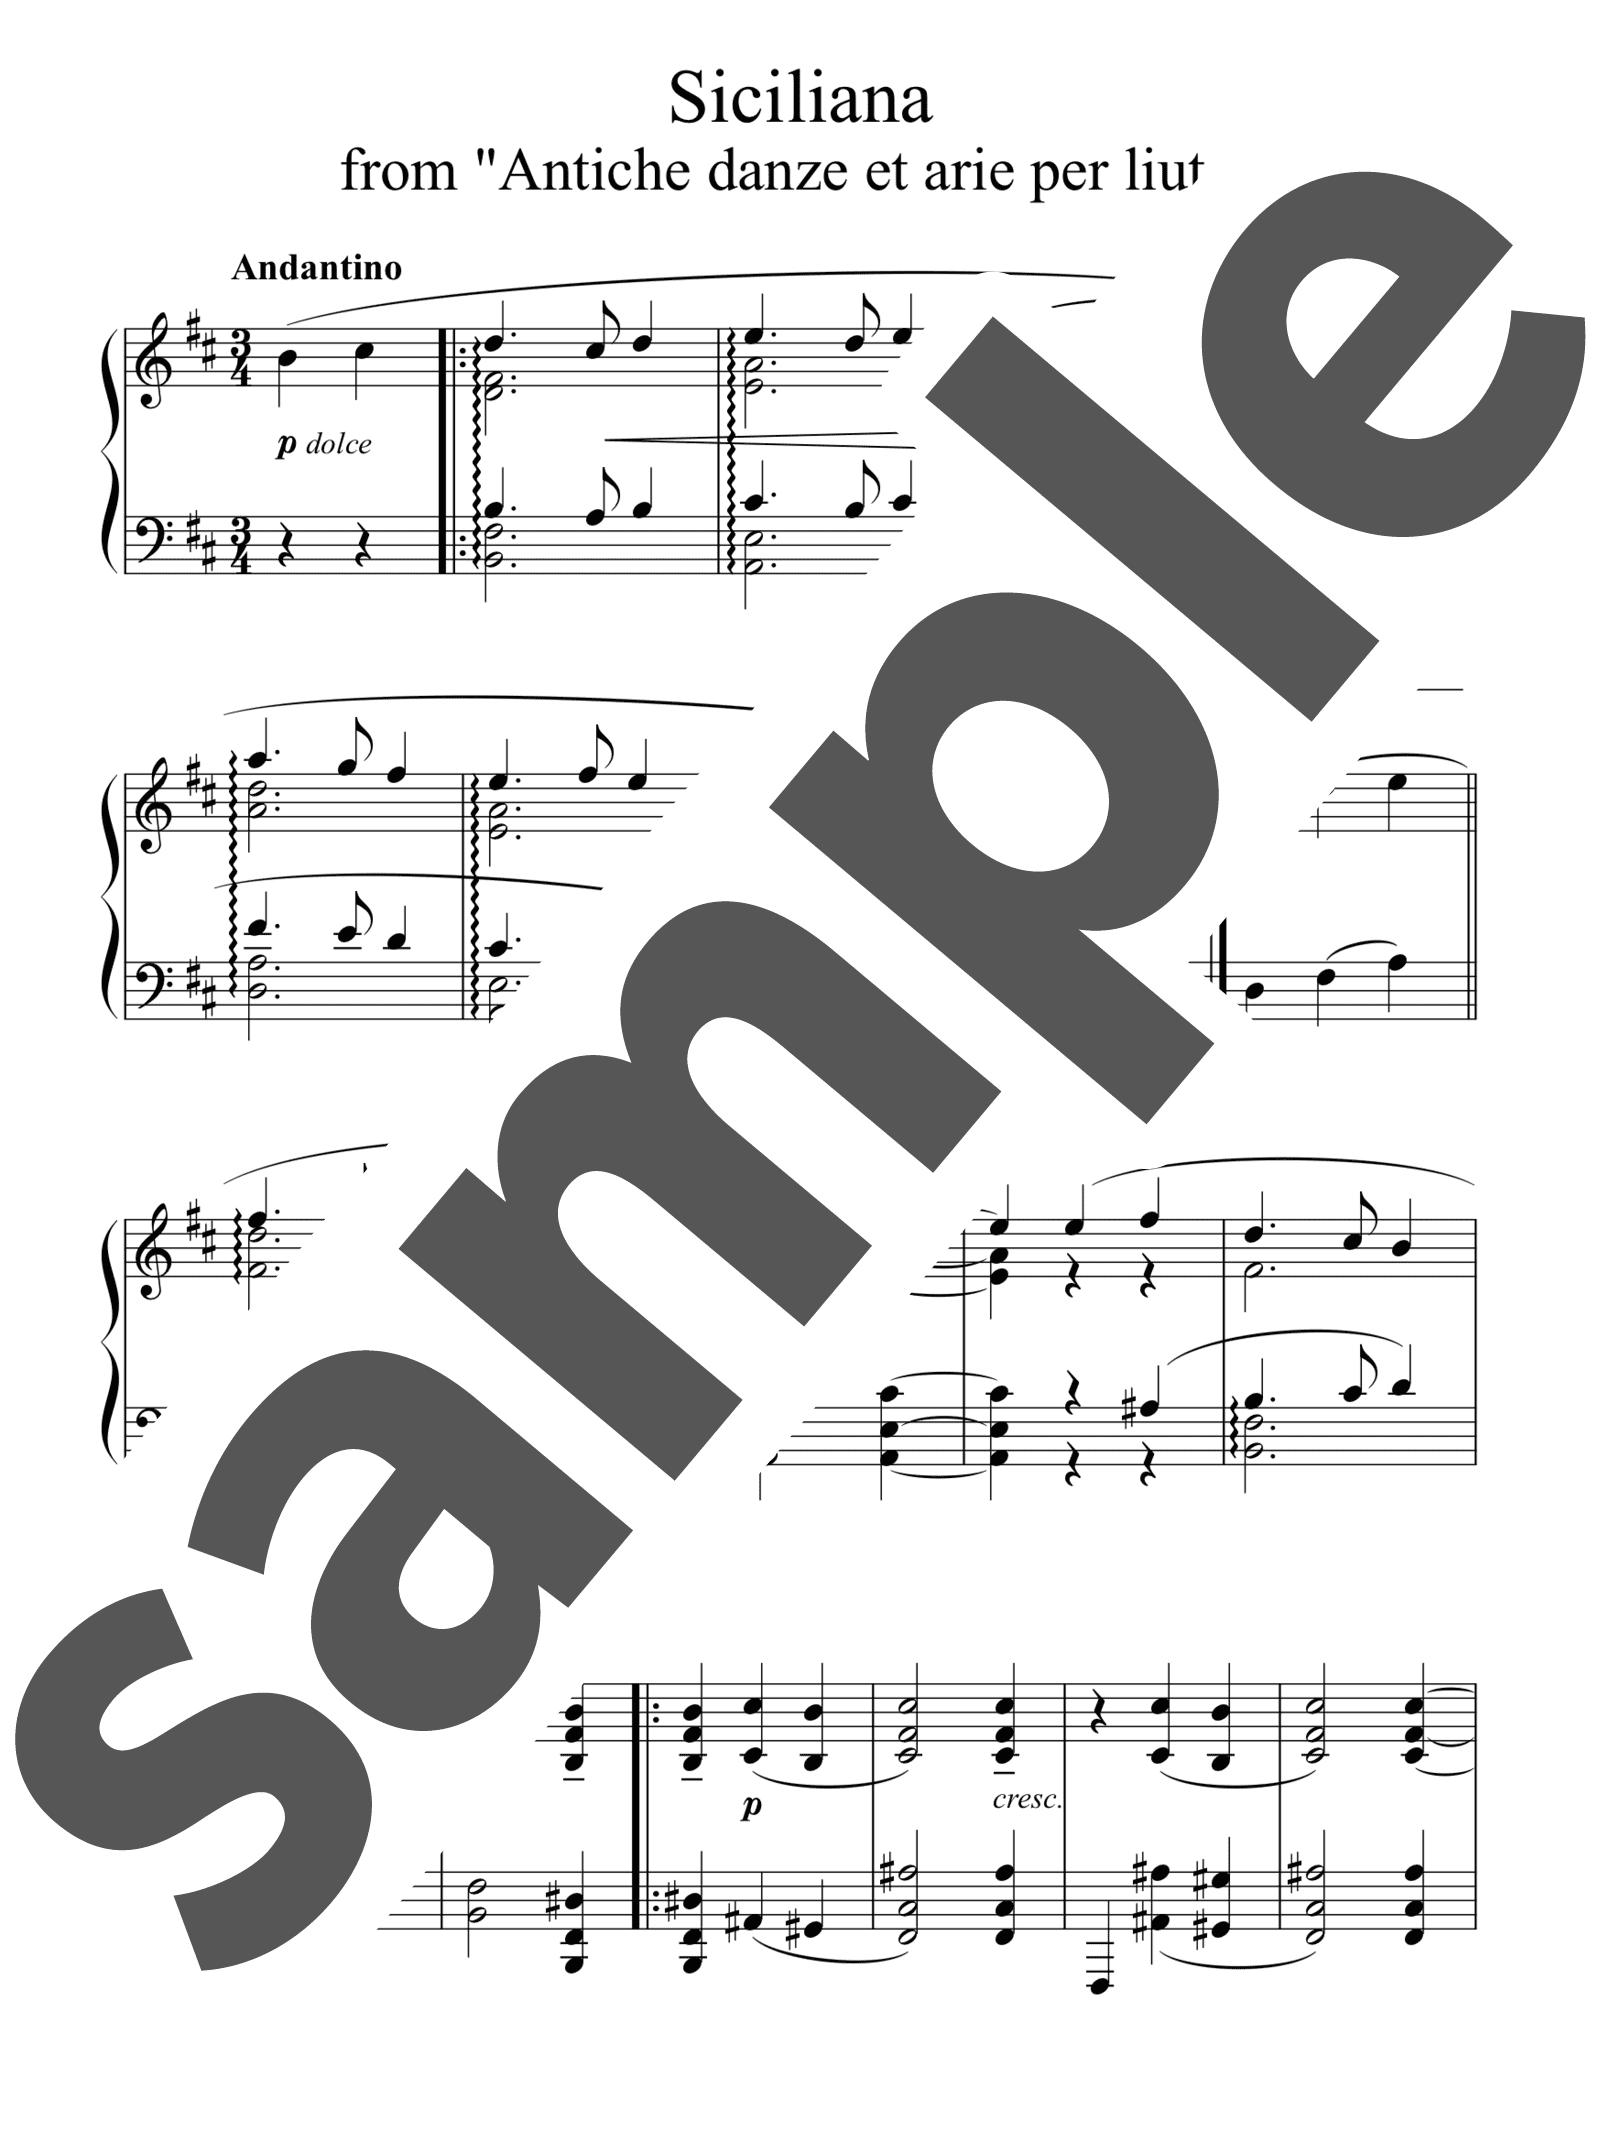 「「リュートのための古風な舞曲とアリア」第3組曲より「シチリアーナ」」のサンプル楽譜